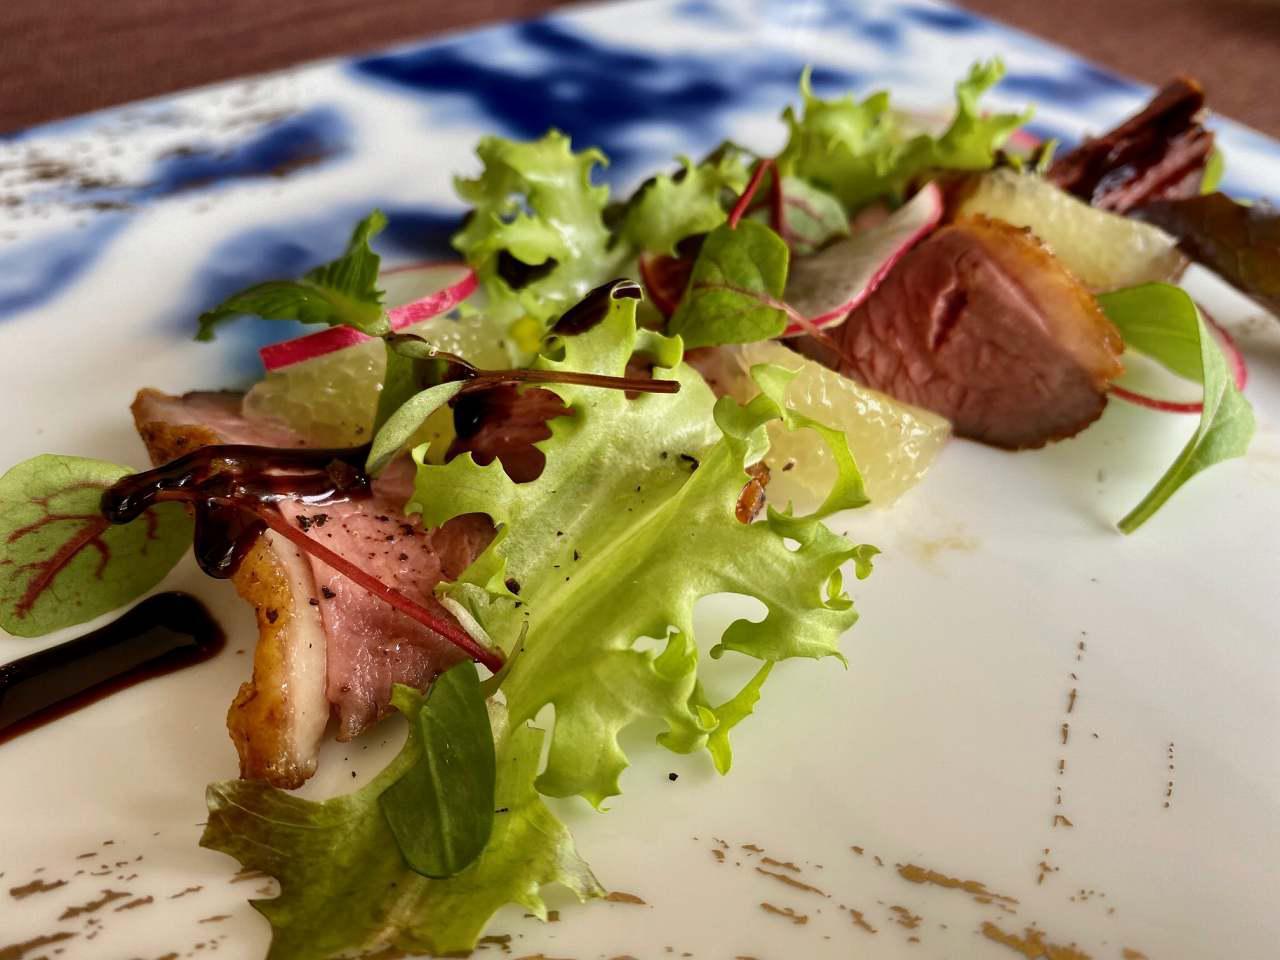 画像: 料理の一例。鴨胸肉を用いた一品